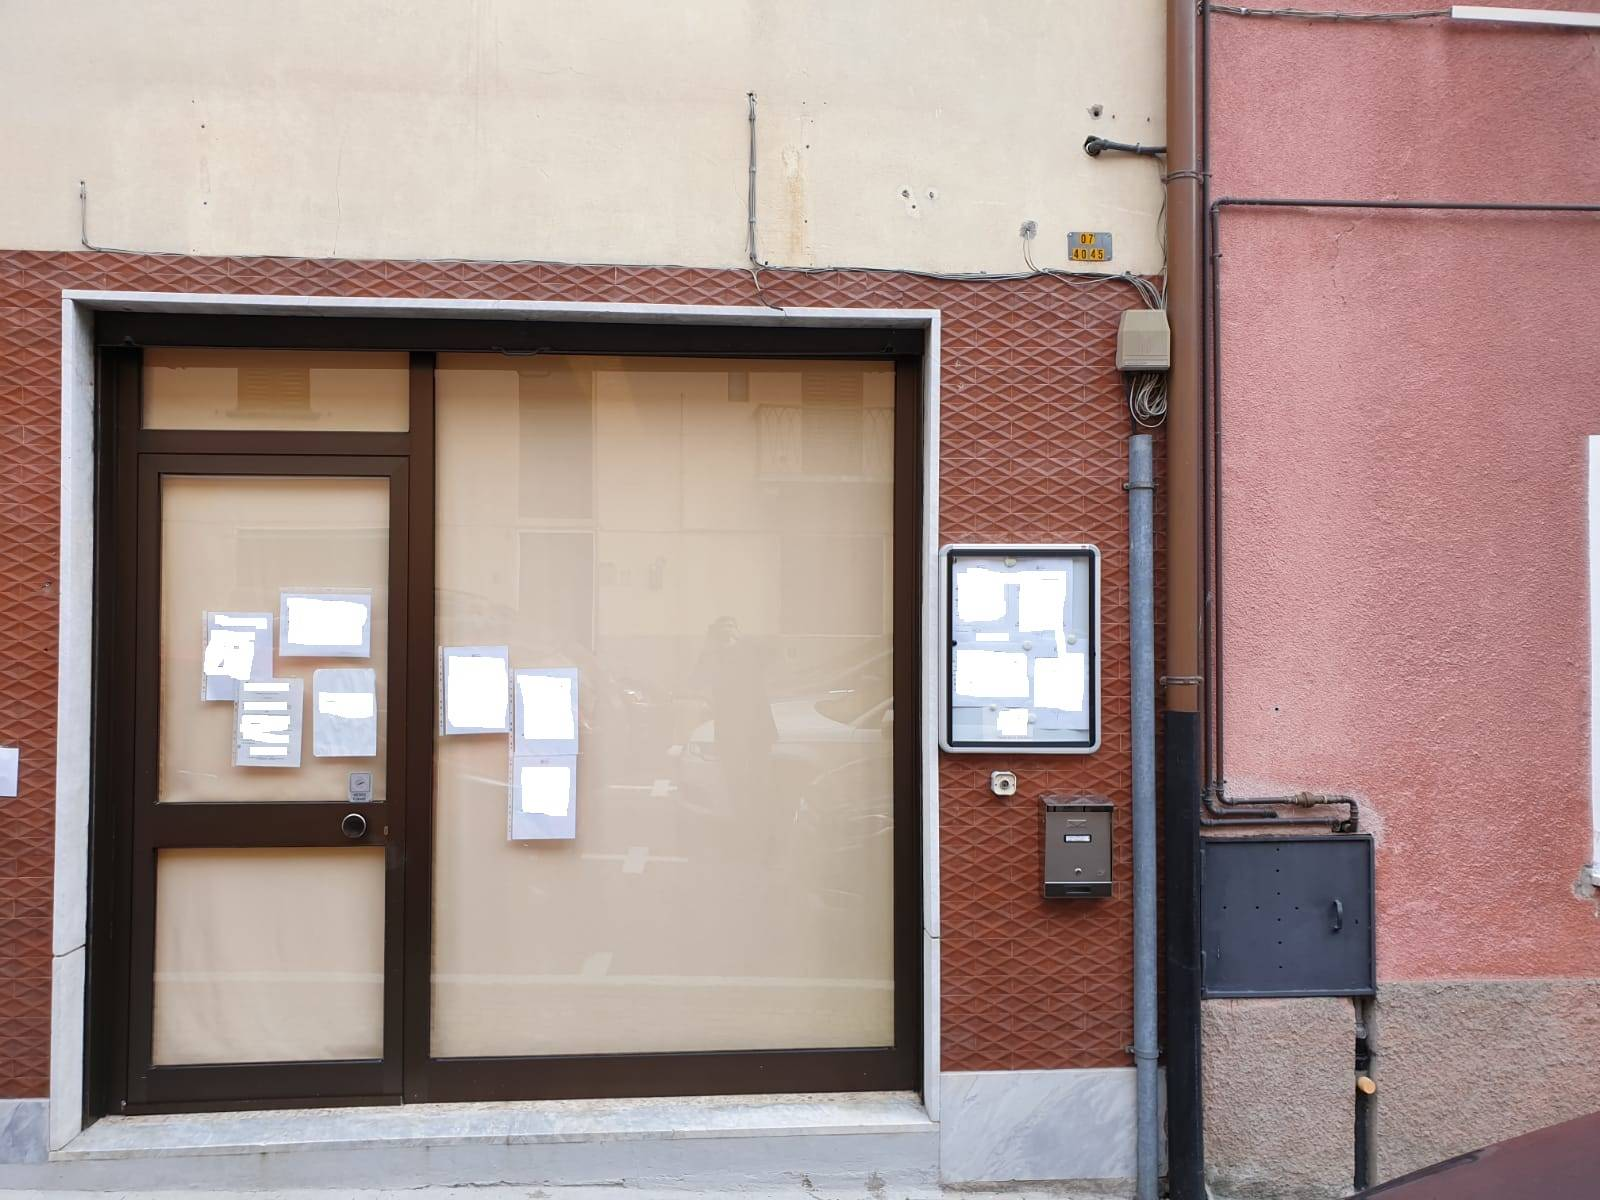 Ufficio / Studio in affitto a Zogno, 9999 locali, zona Località: Centro, prezzo € 420 | CambioCasa.it